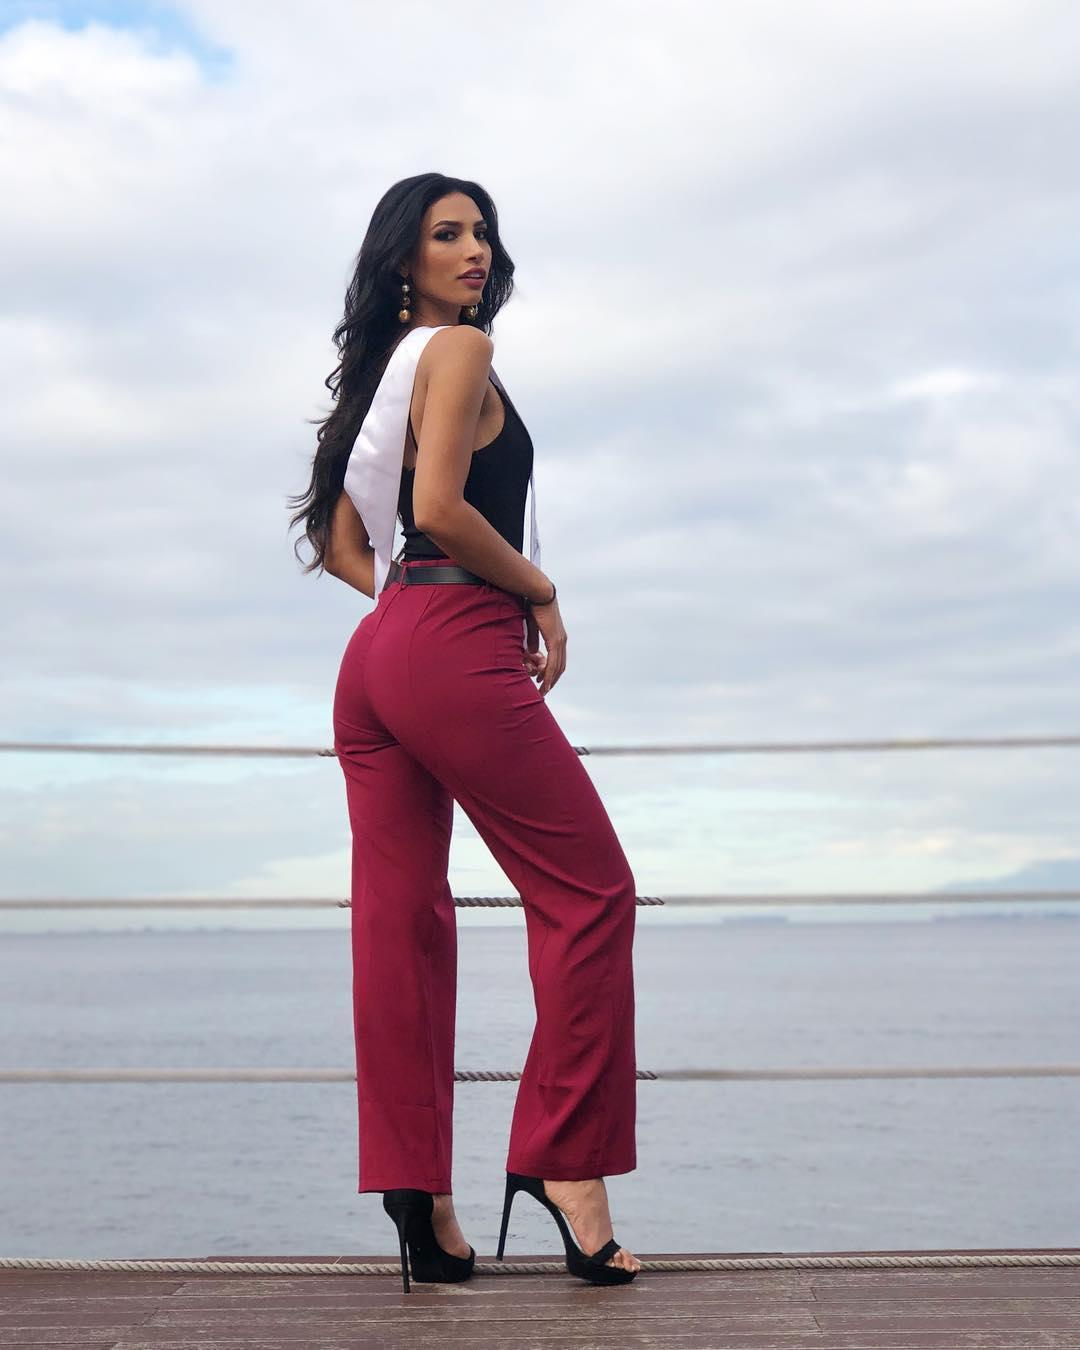 marianny egurrola, top 20 de miss intercontinental 2018-2019. - Página 6 49455611